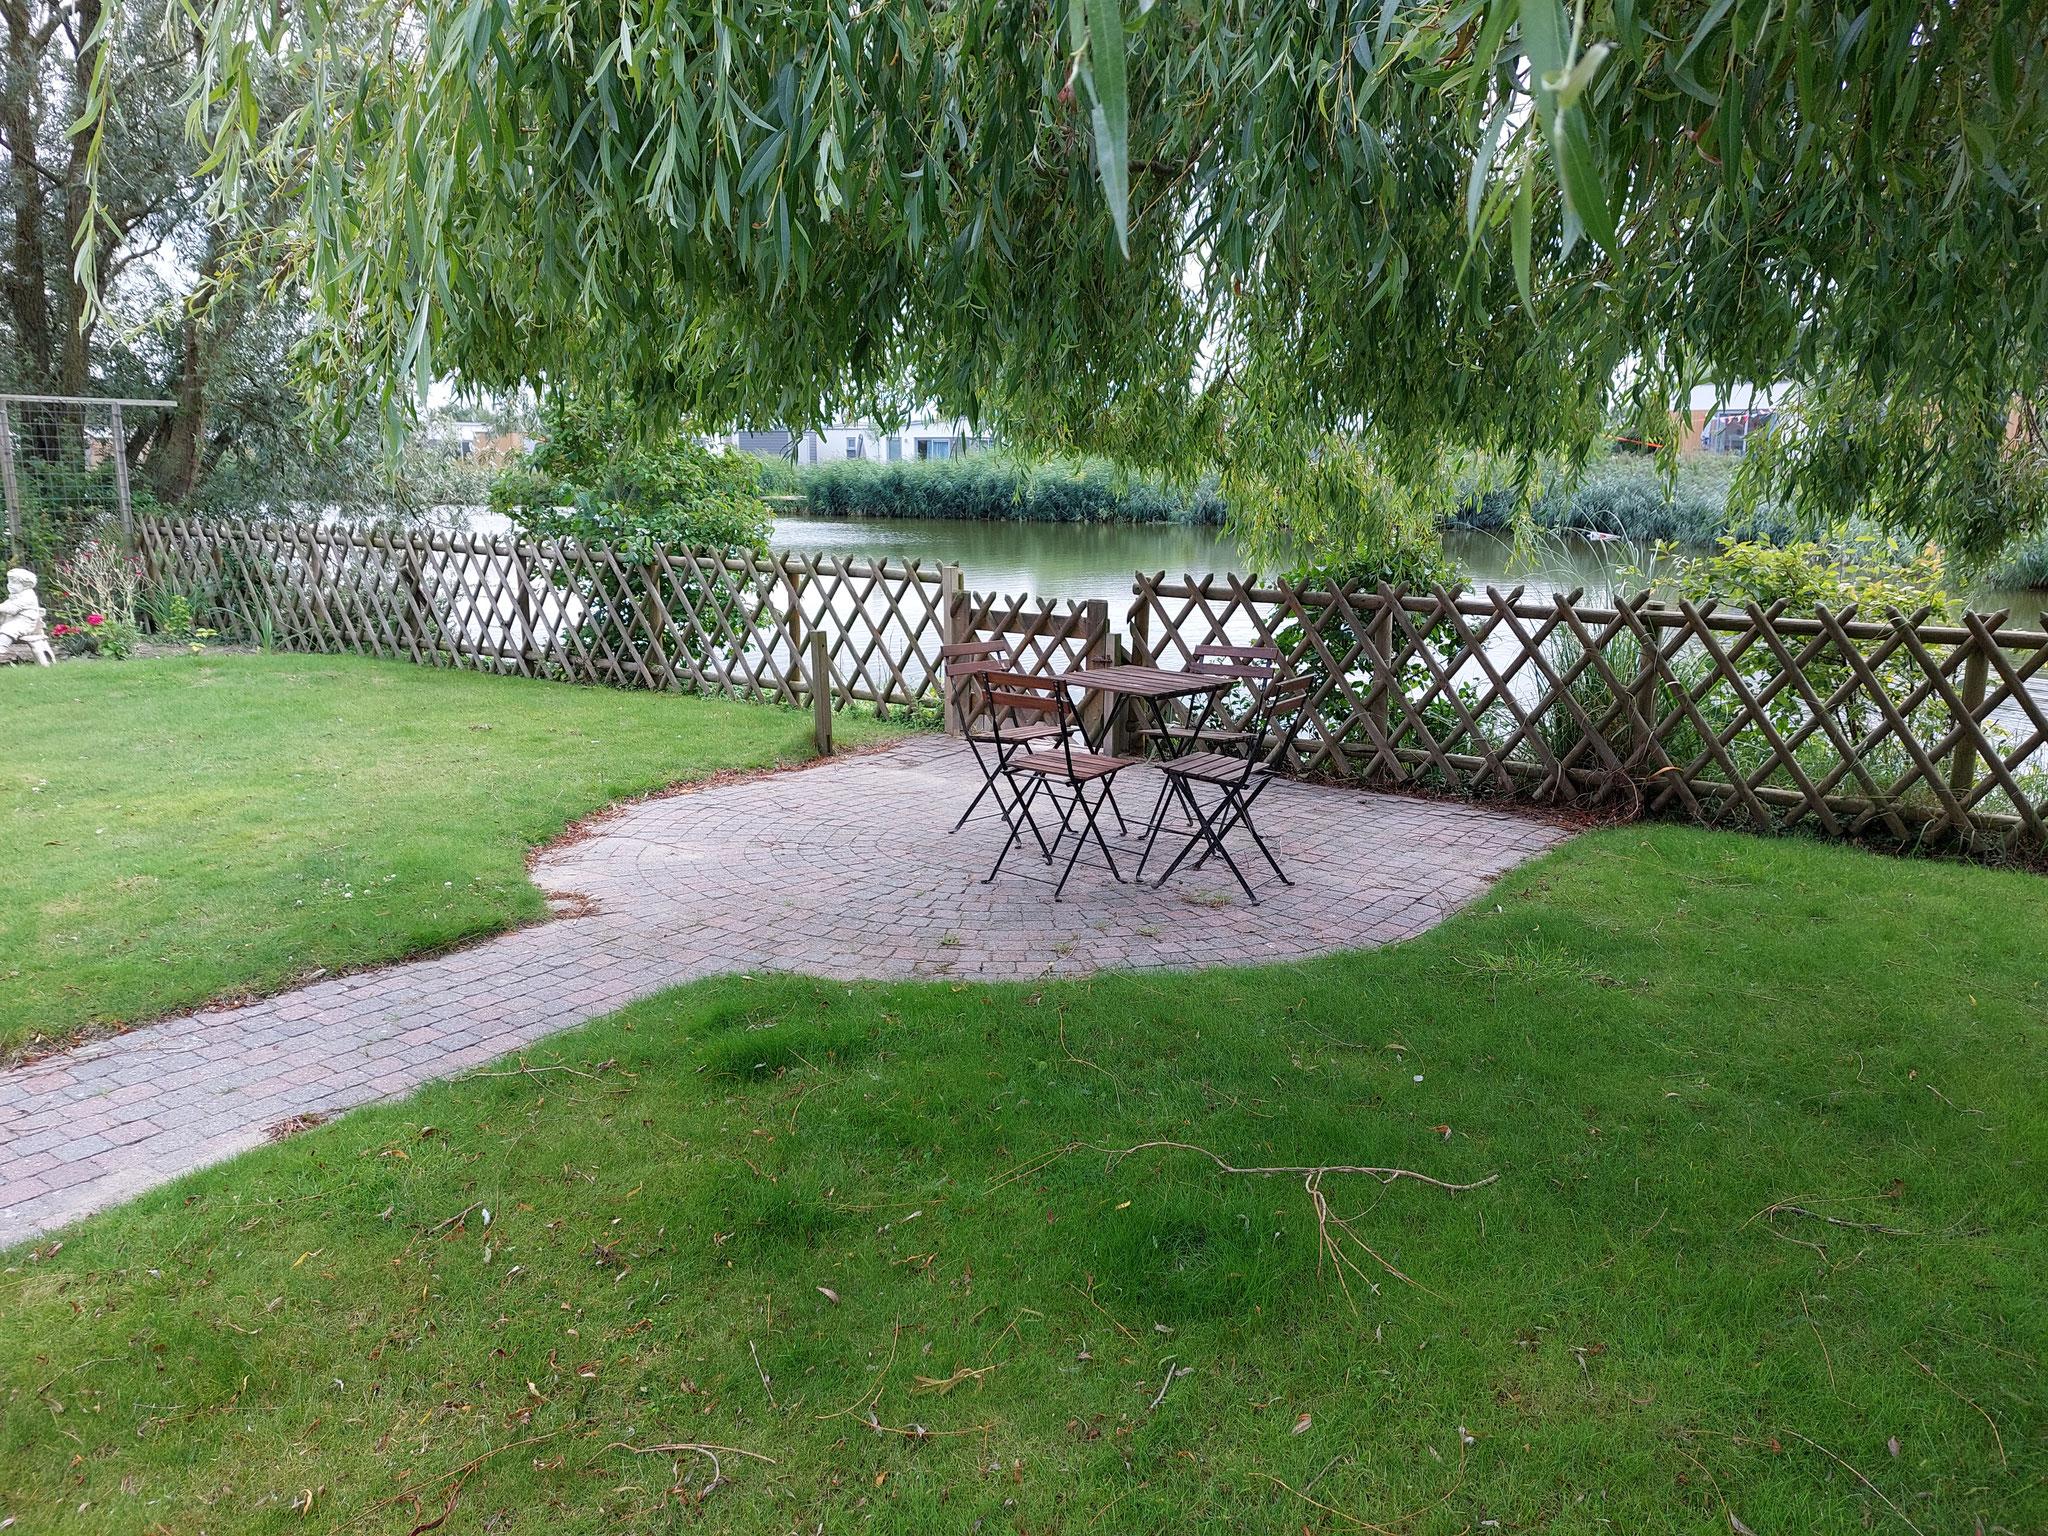 Sitzplatz am Ende des Gartens